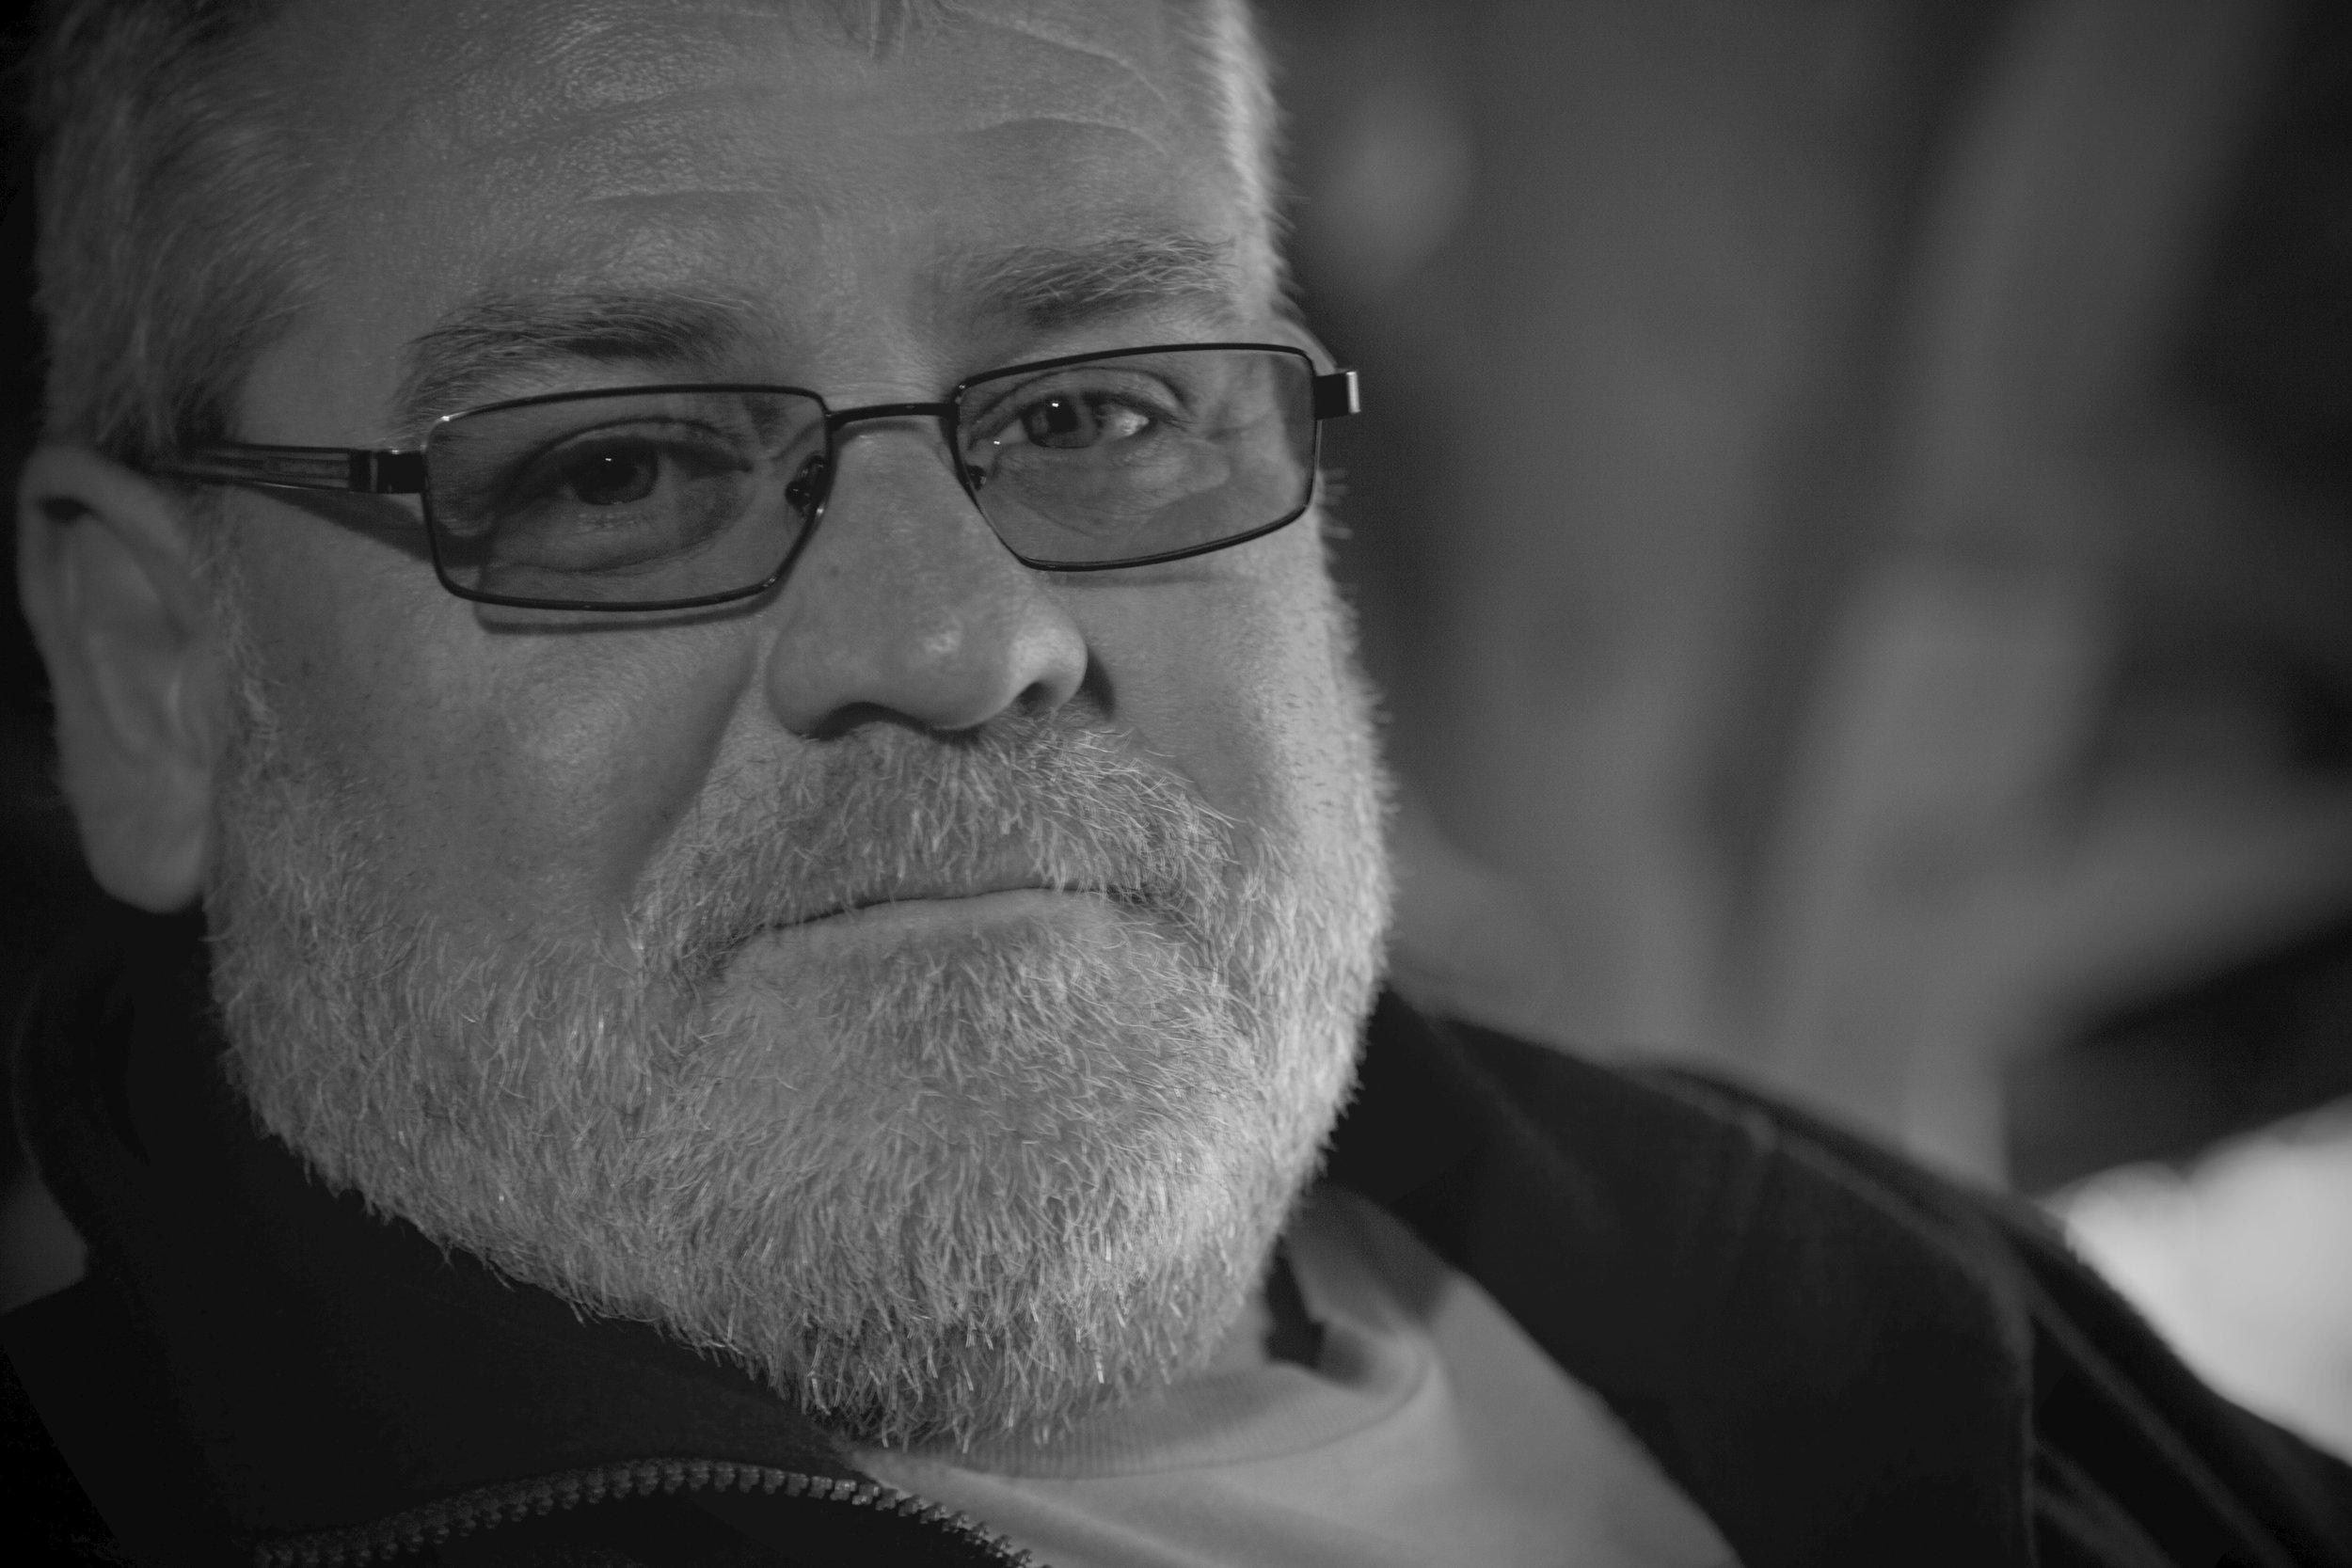 Ivan Nagy († 2018) - IN MEMORIAMFilm Pantopos bol posledným projektom, na ktorom Ivan Nagy († 53) v ostatných rokoch spolupracoval so spoločnosťou PubRes, za všetky spomeňme aj úspešný televízny seriál Kuchyňa (2017).Spoločnosť PubRes, naďalej hlboko zarmútená touto stratou, vyjadruje ešte raz aj touto cestou úprimnú sústrasť Ivanovej rodine.